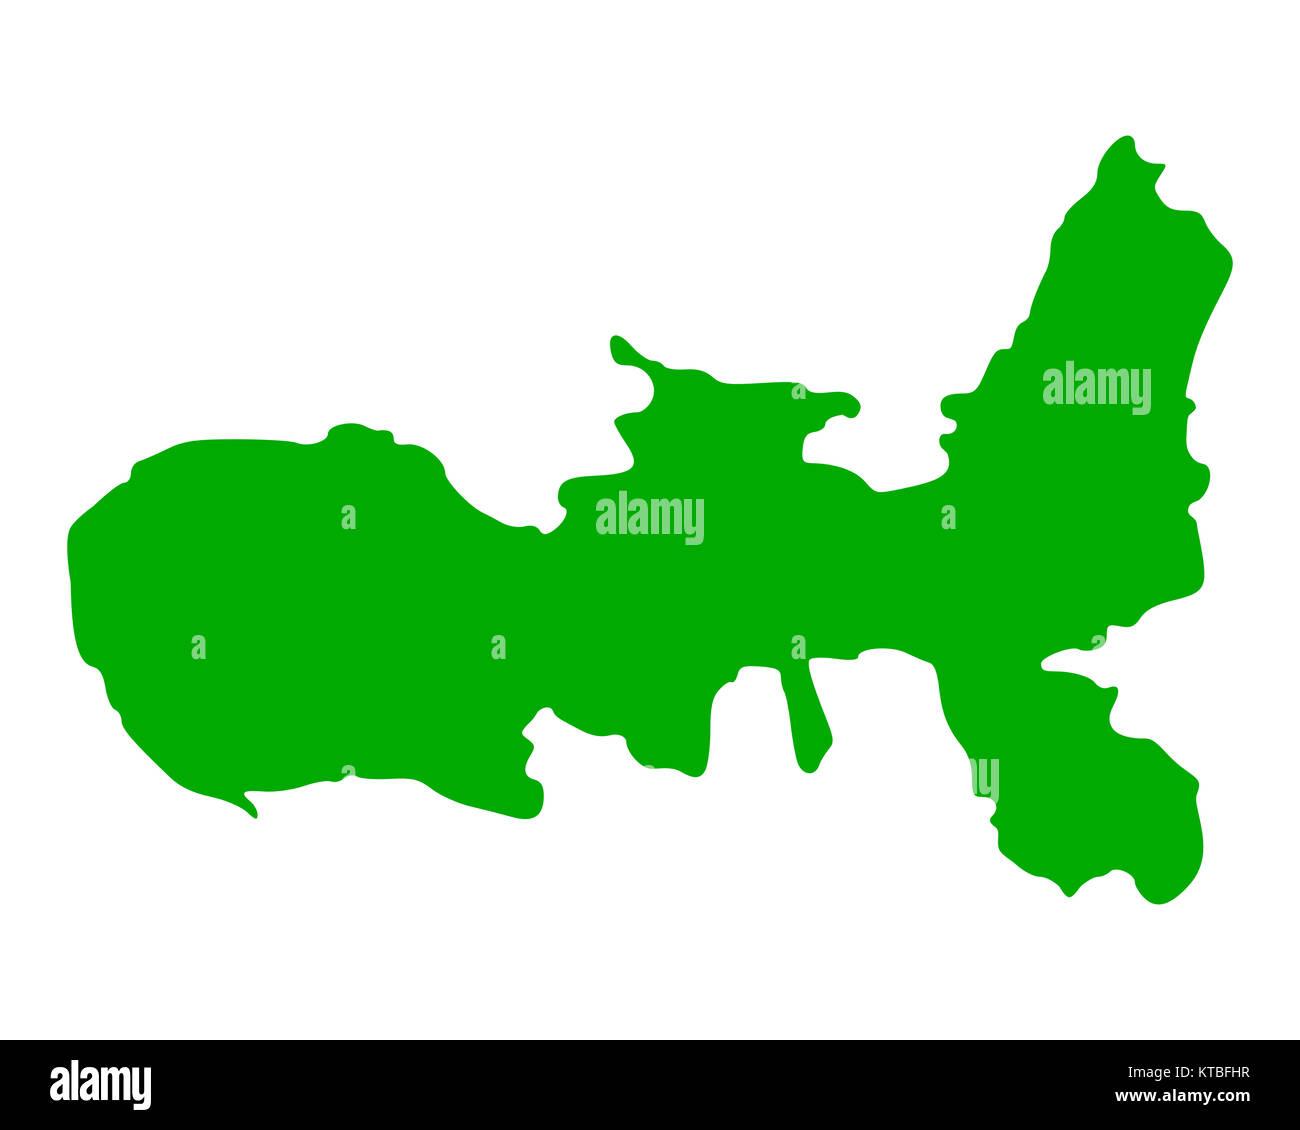 Elba Karte.Karte Von Elba Stock Photo 169898787 Alamy